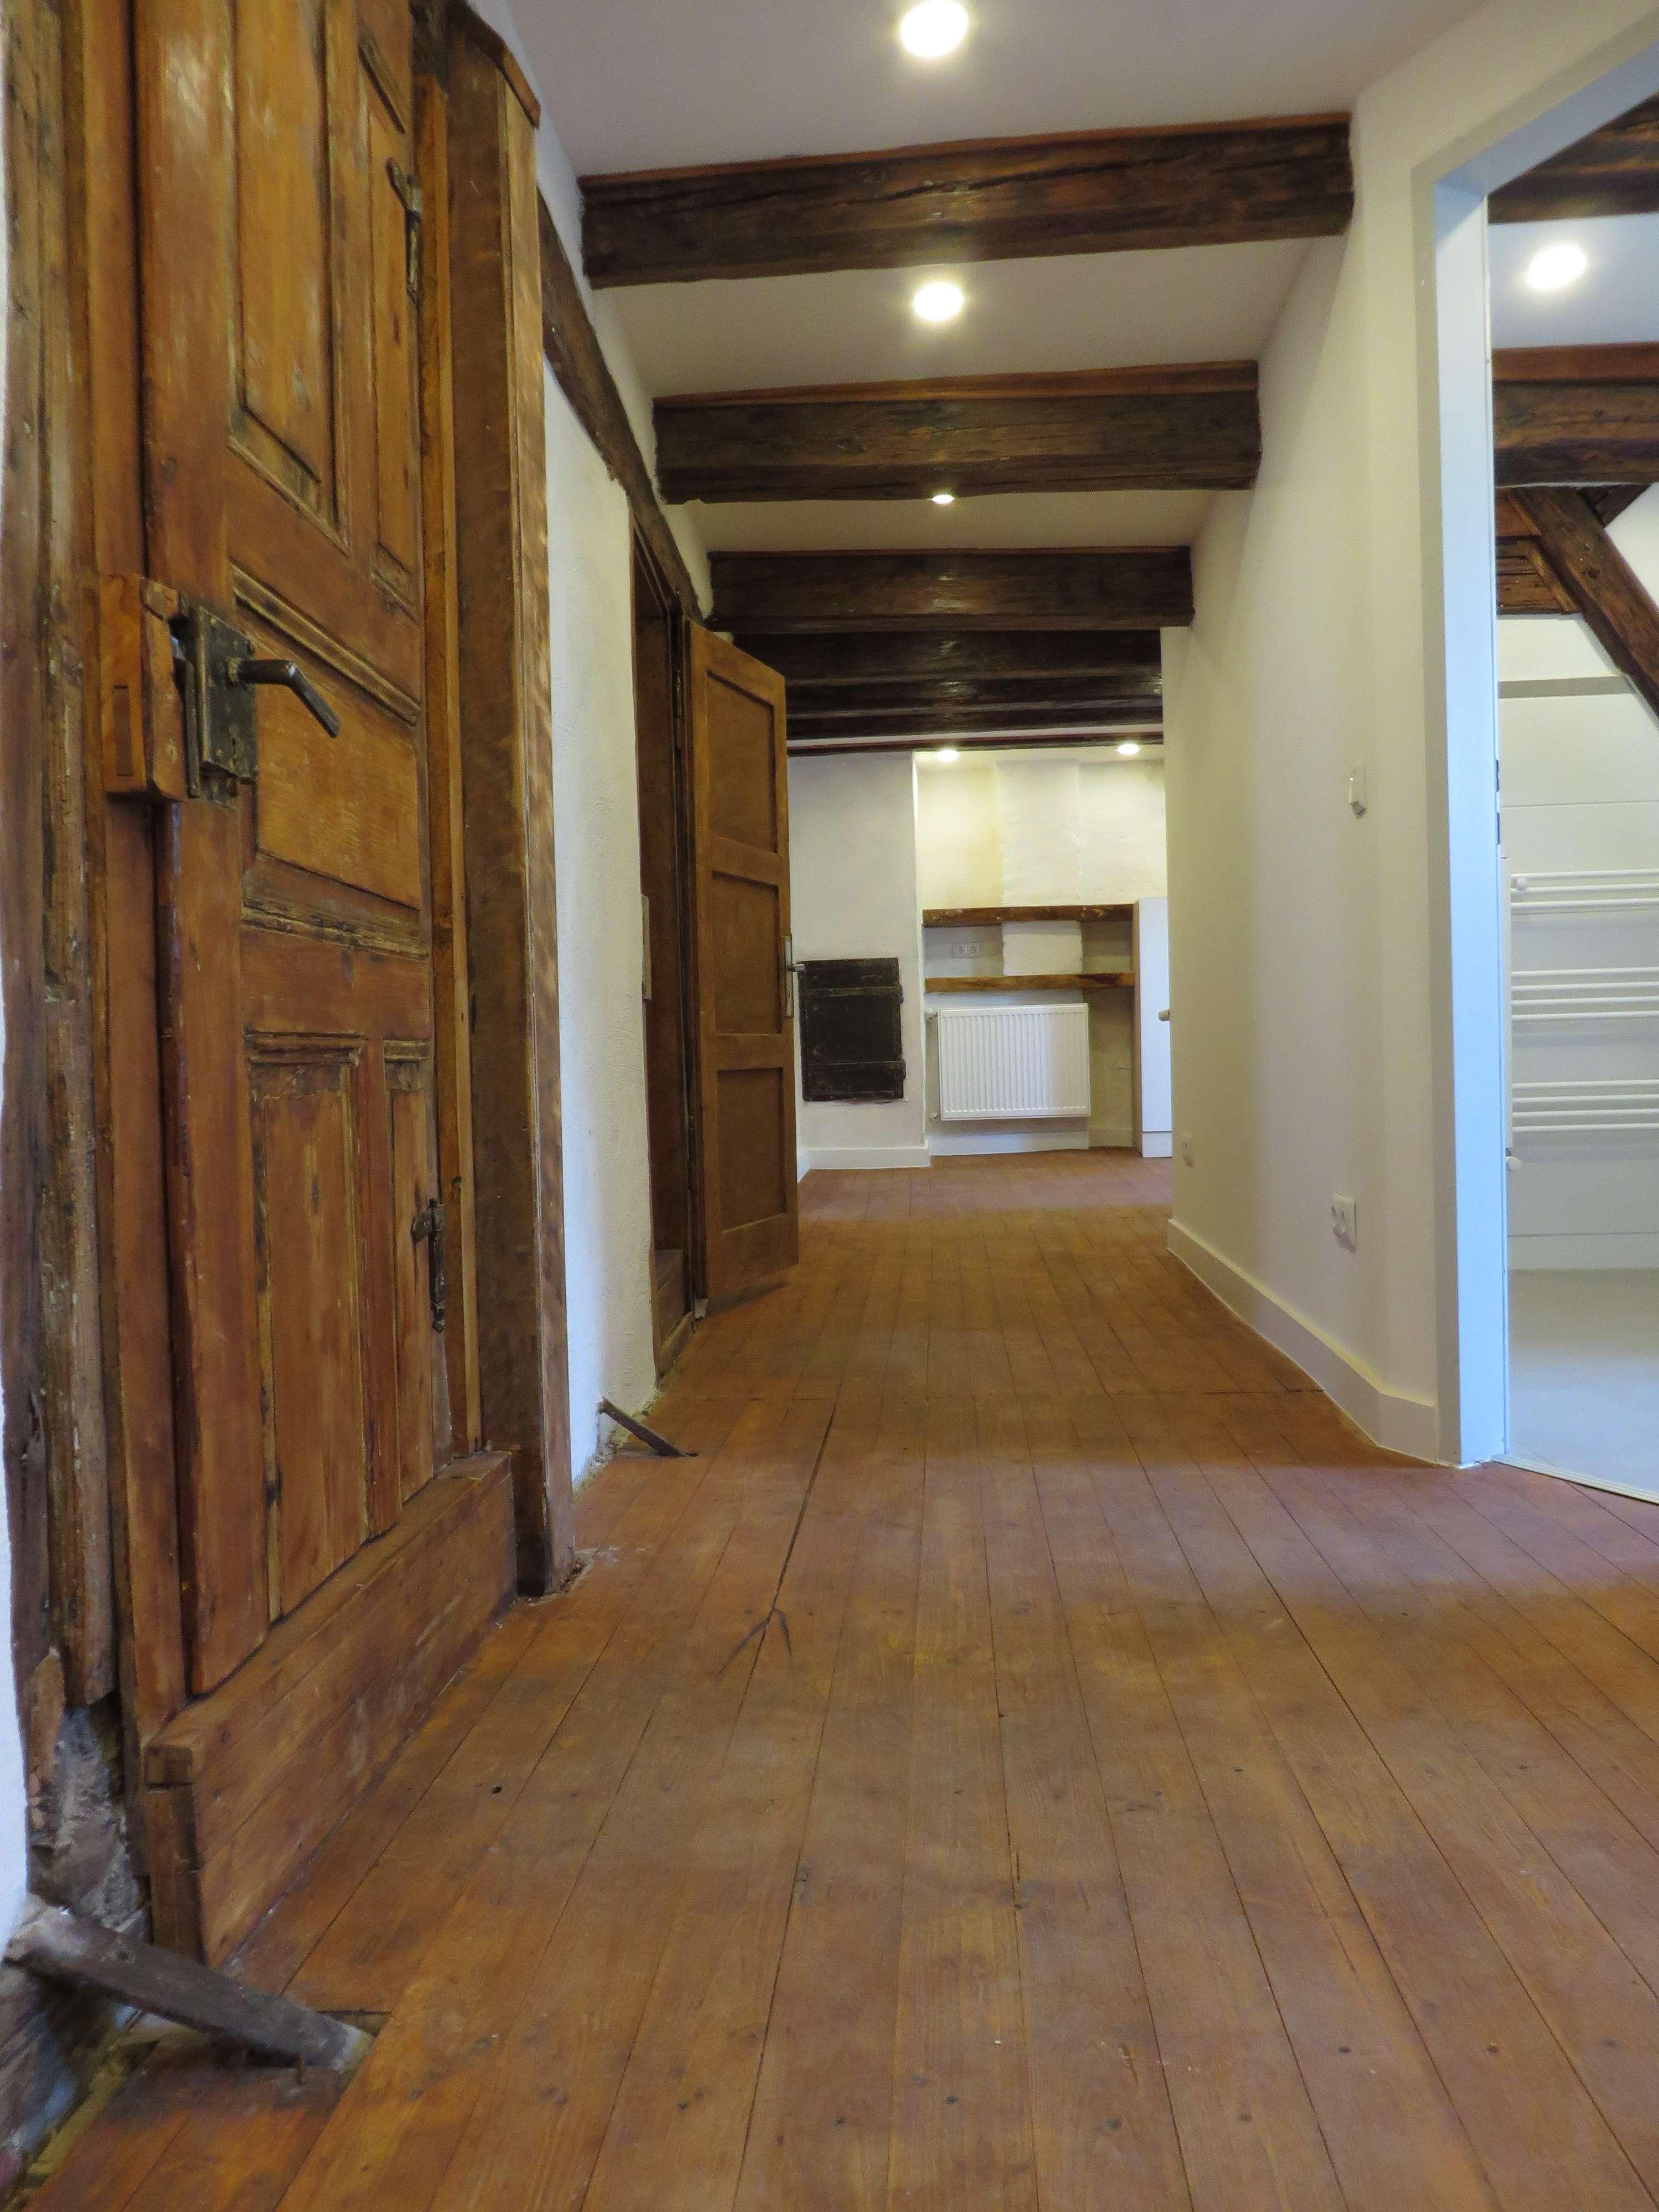 Denkmalschutz in St. Lorenz !  4 Zi-Mais-Whg.  ca. 73 m², Einbauküche, im 4.OG in